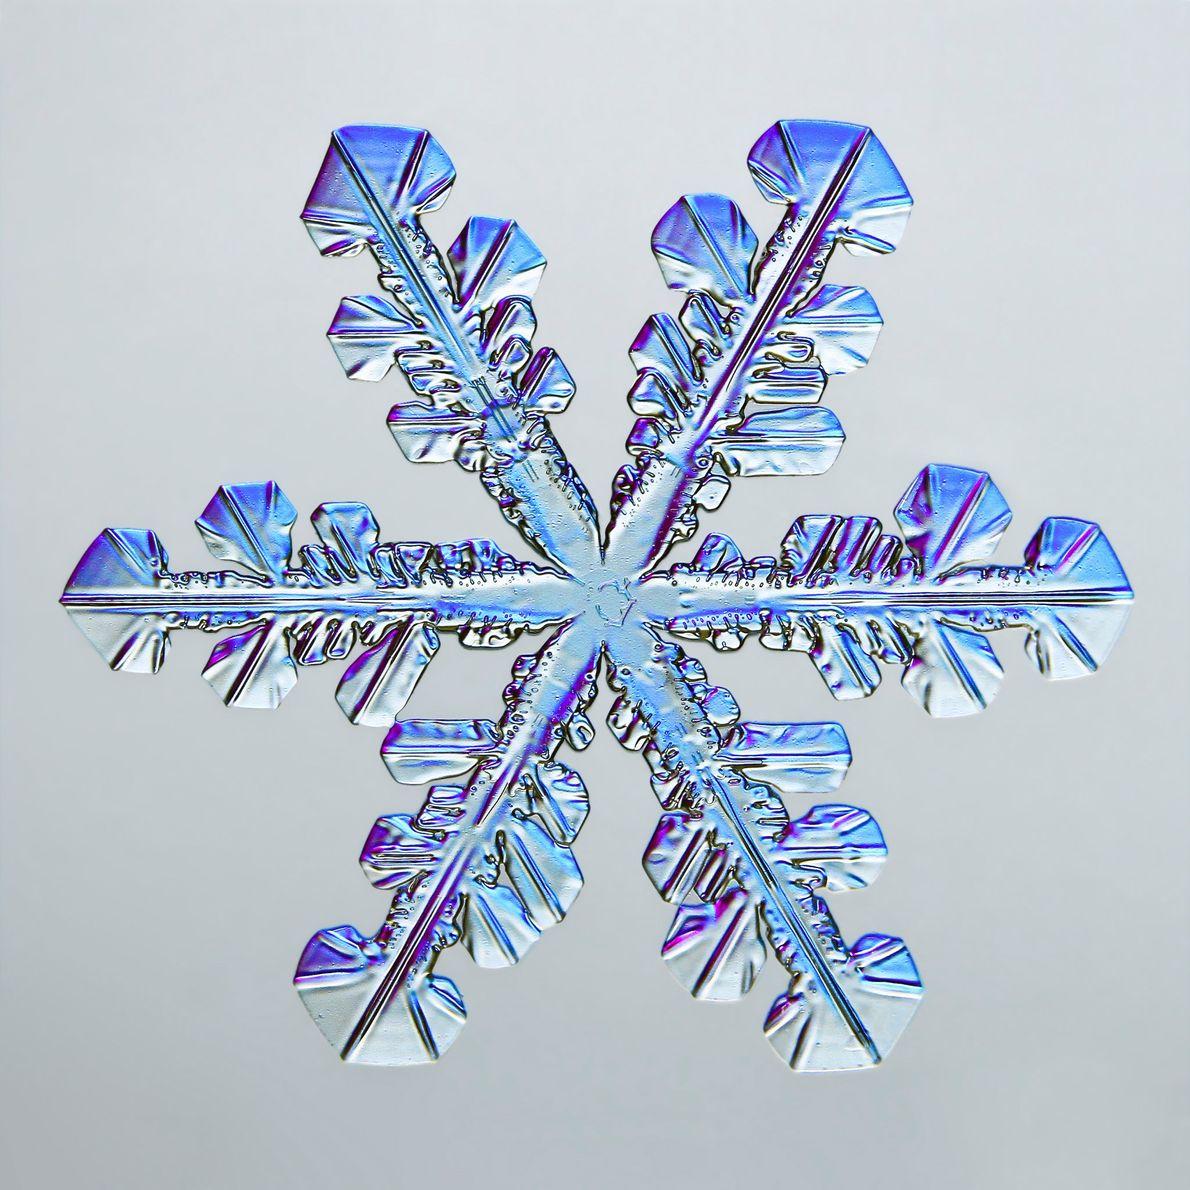 As diversas facetas hexagonais de um floco de neve brilham em azul e roxo devido à …